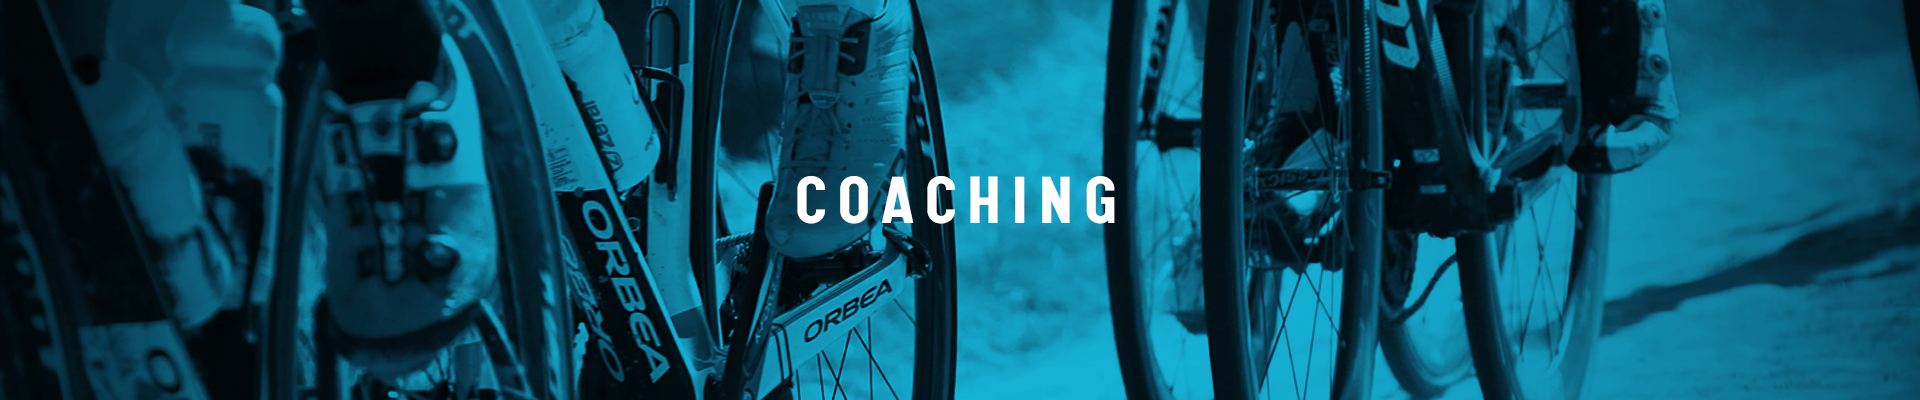 sportprestaties optimaliseren voor training en coaching van Wolf experten